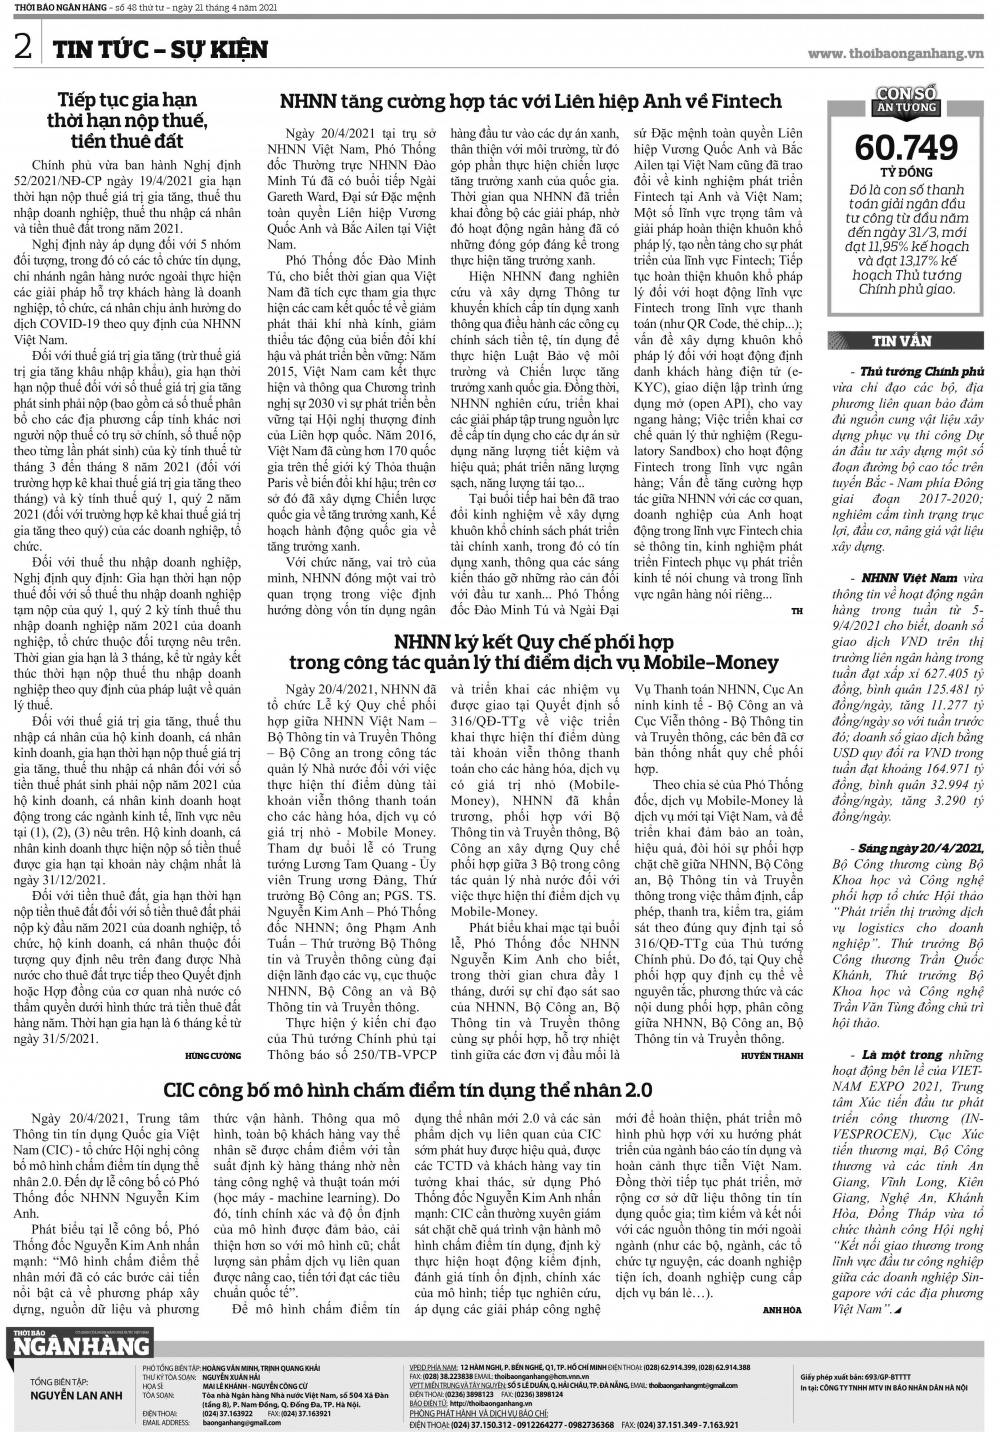 Trang 2